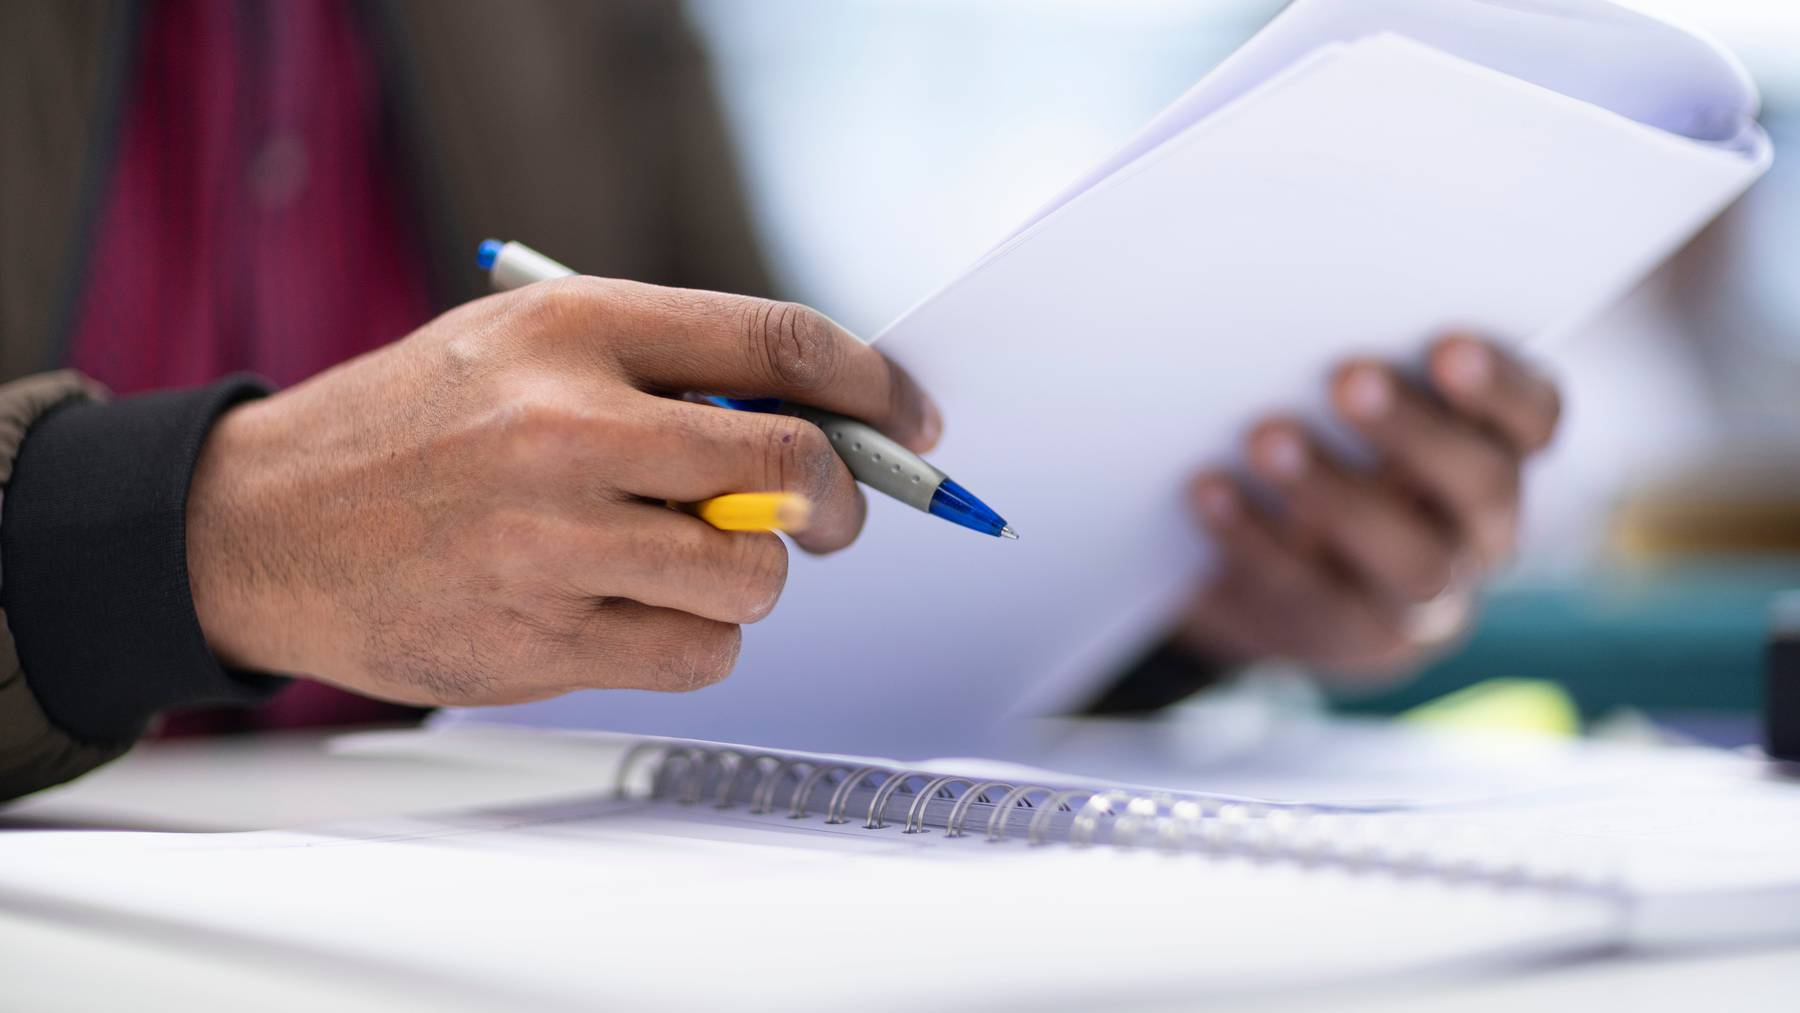 Kurse für die Berufsbildung werden seit 2018 zur Hälfte vom Bund bezahlt.